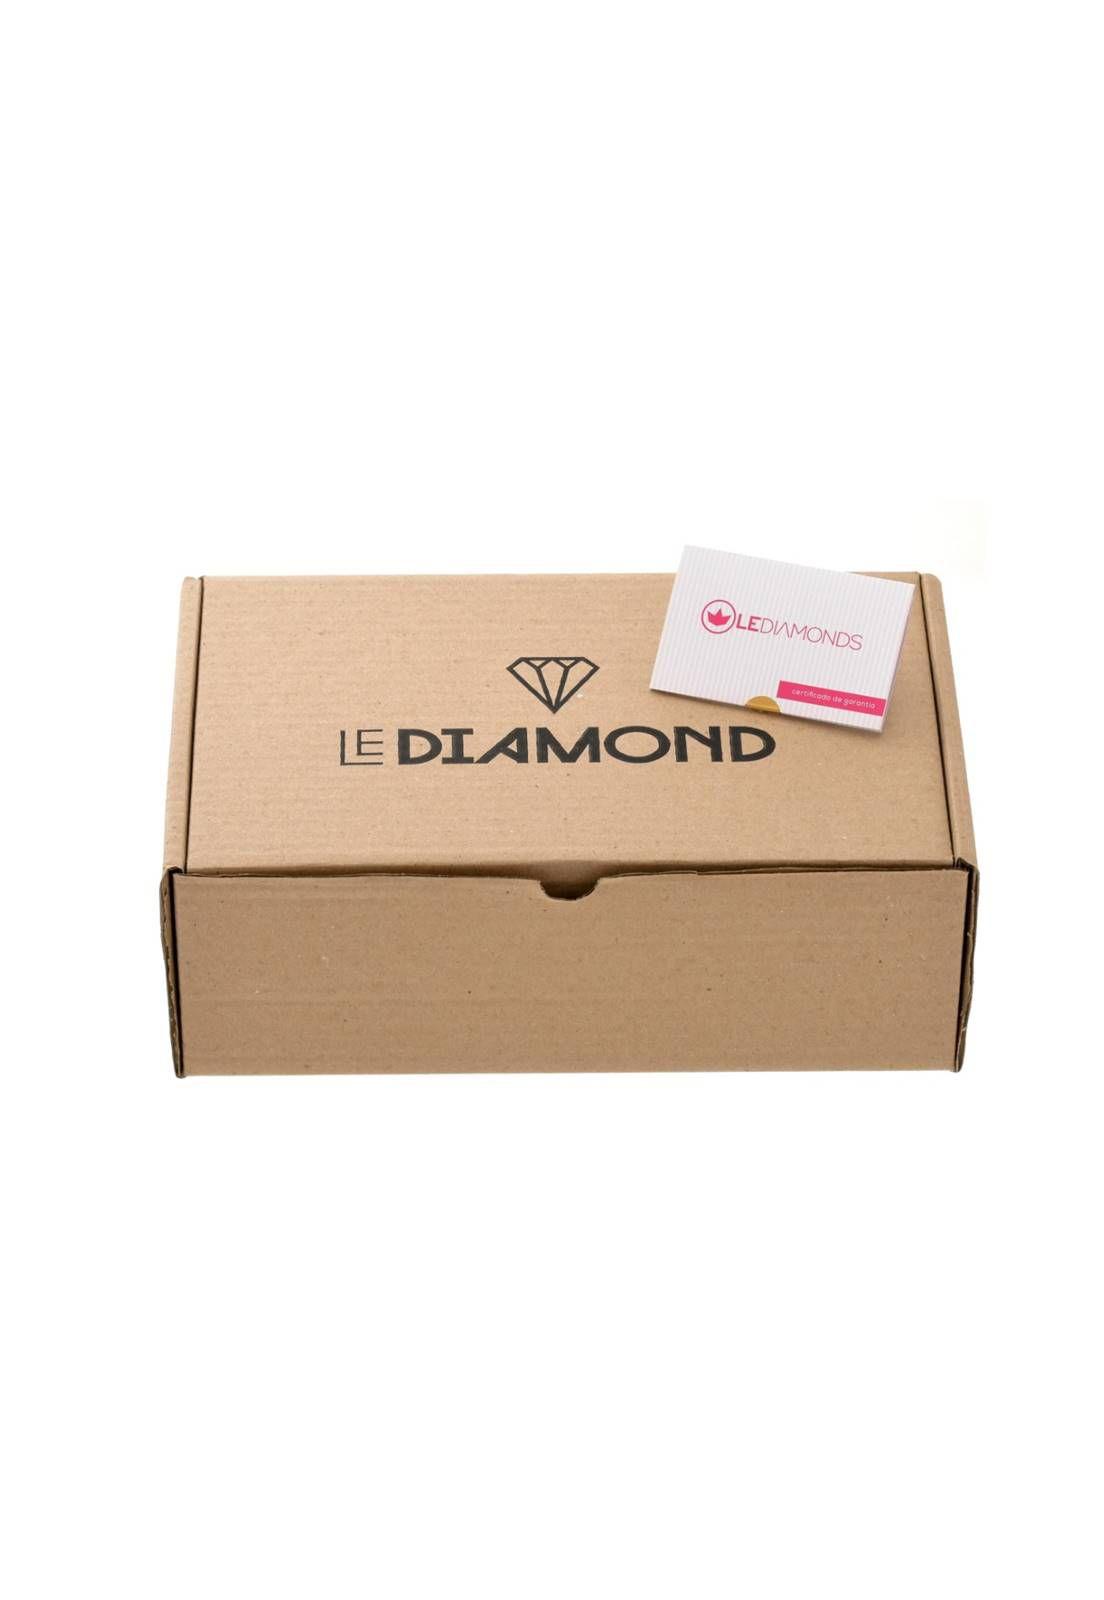 Brinco Argola Le Diamond Tecido Laranja